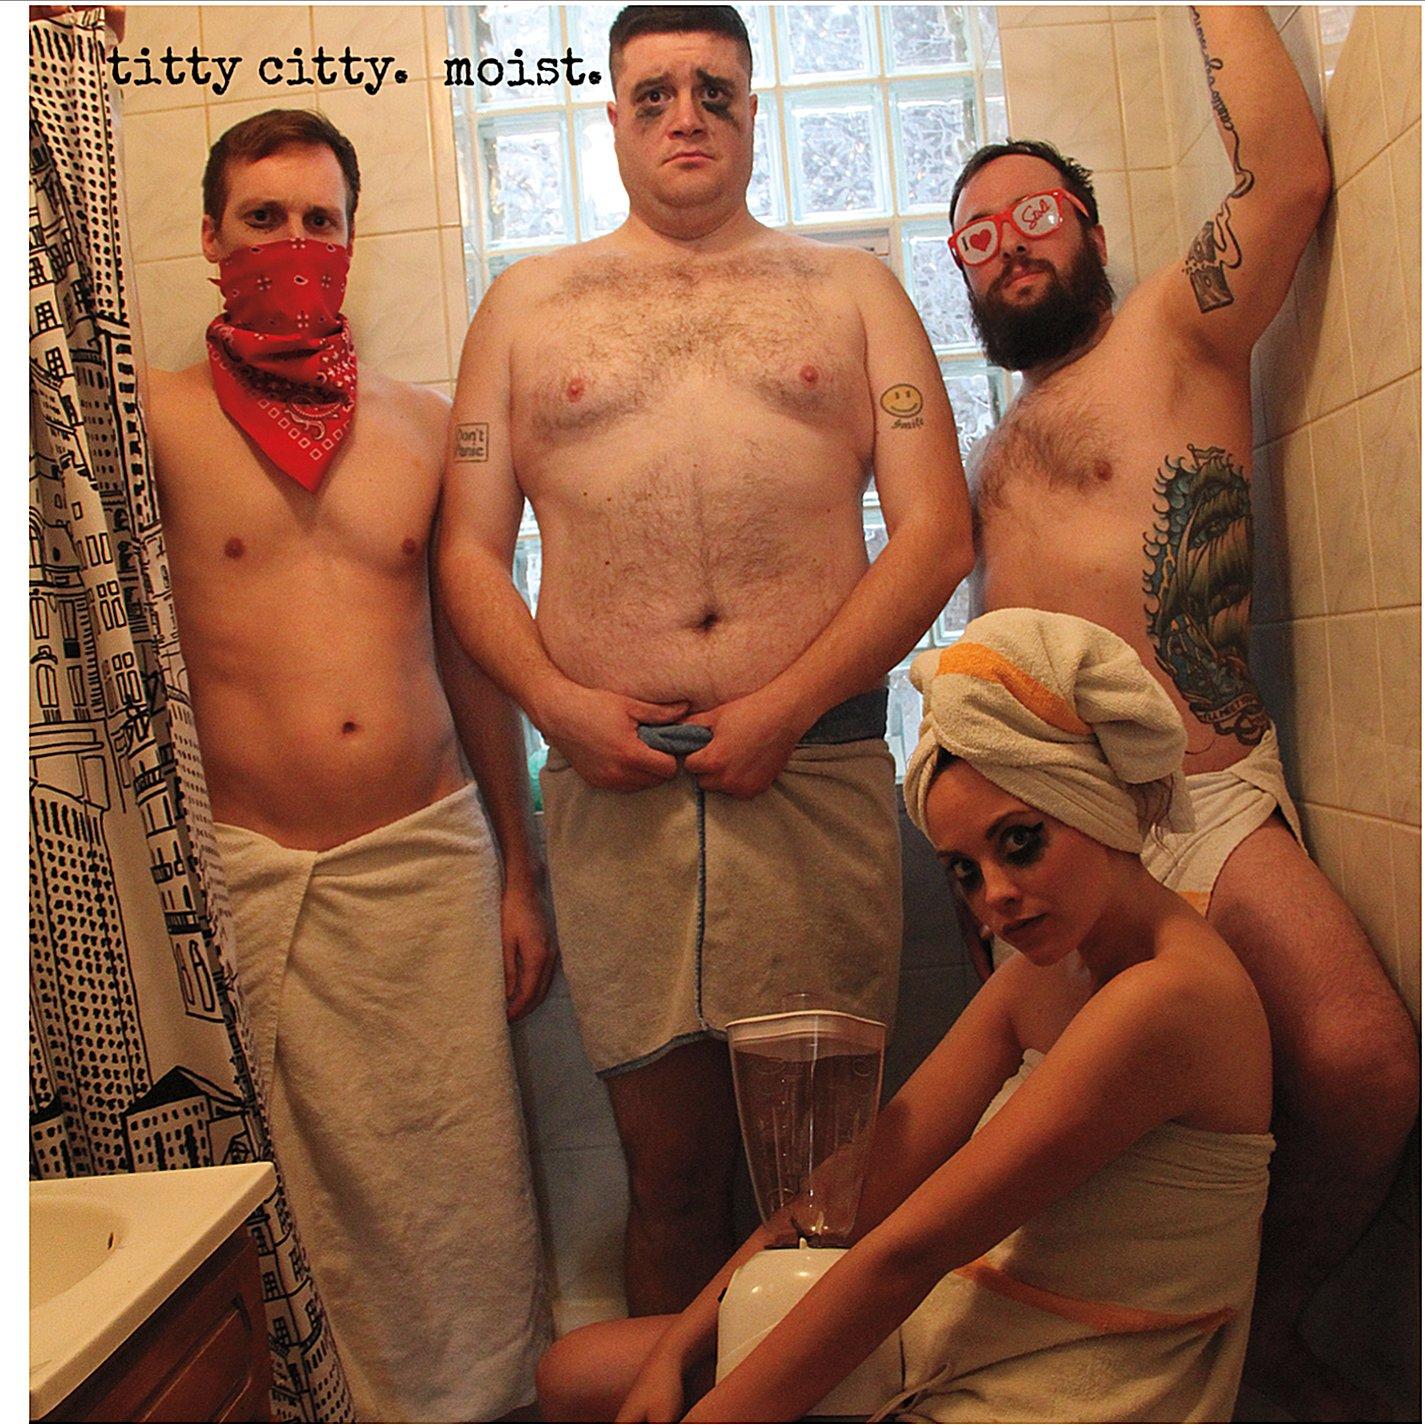 Titty Citty - Moist - Cover